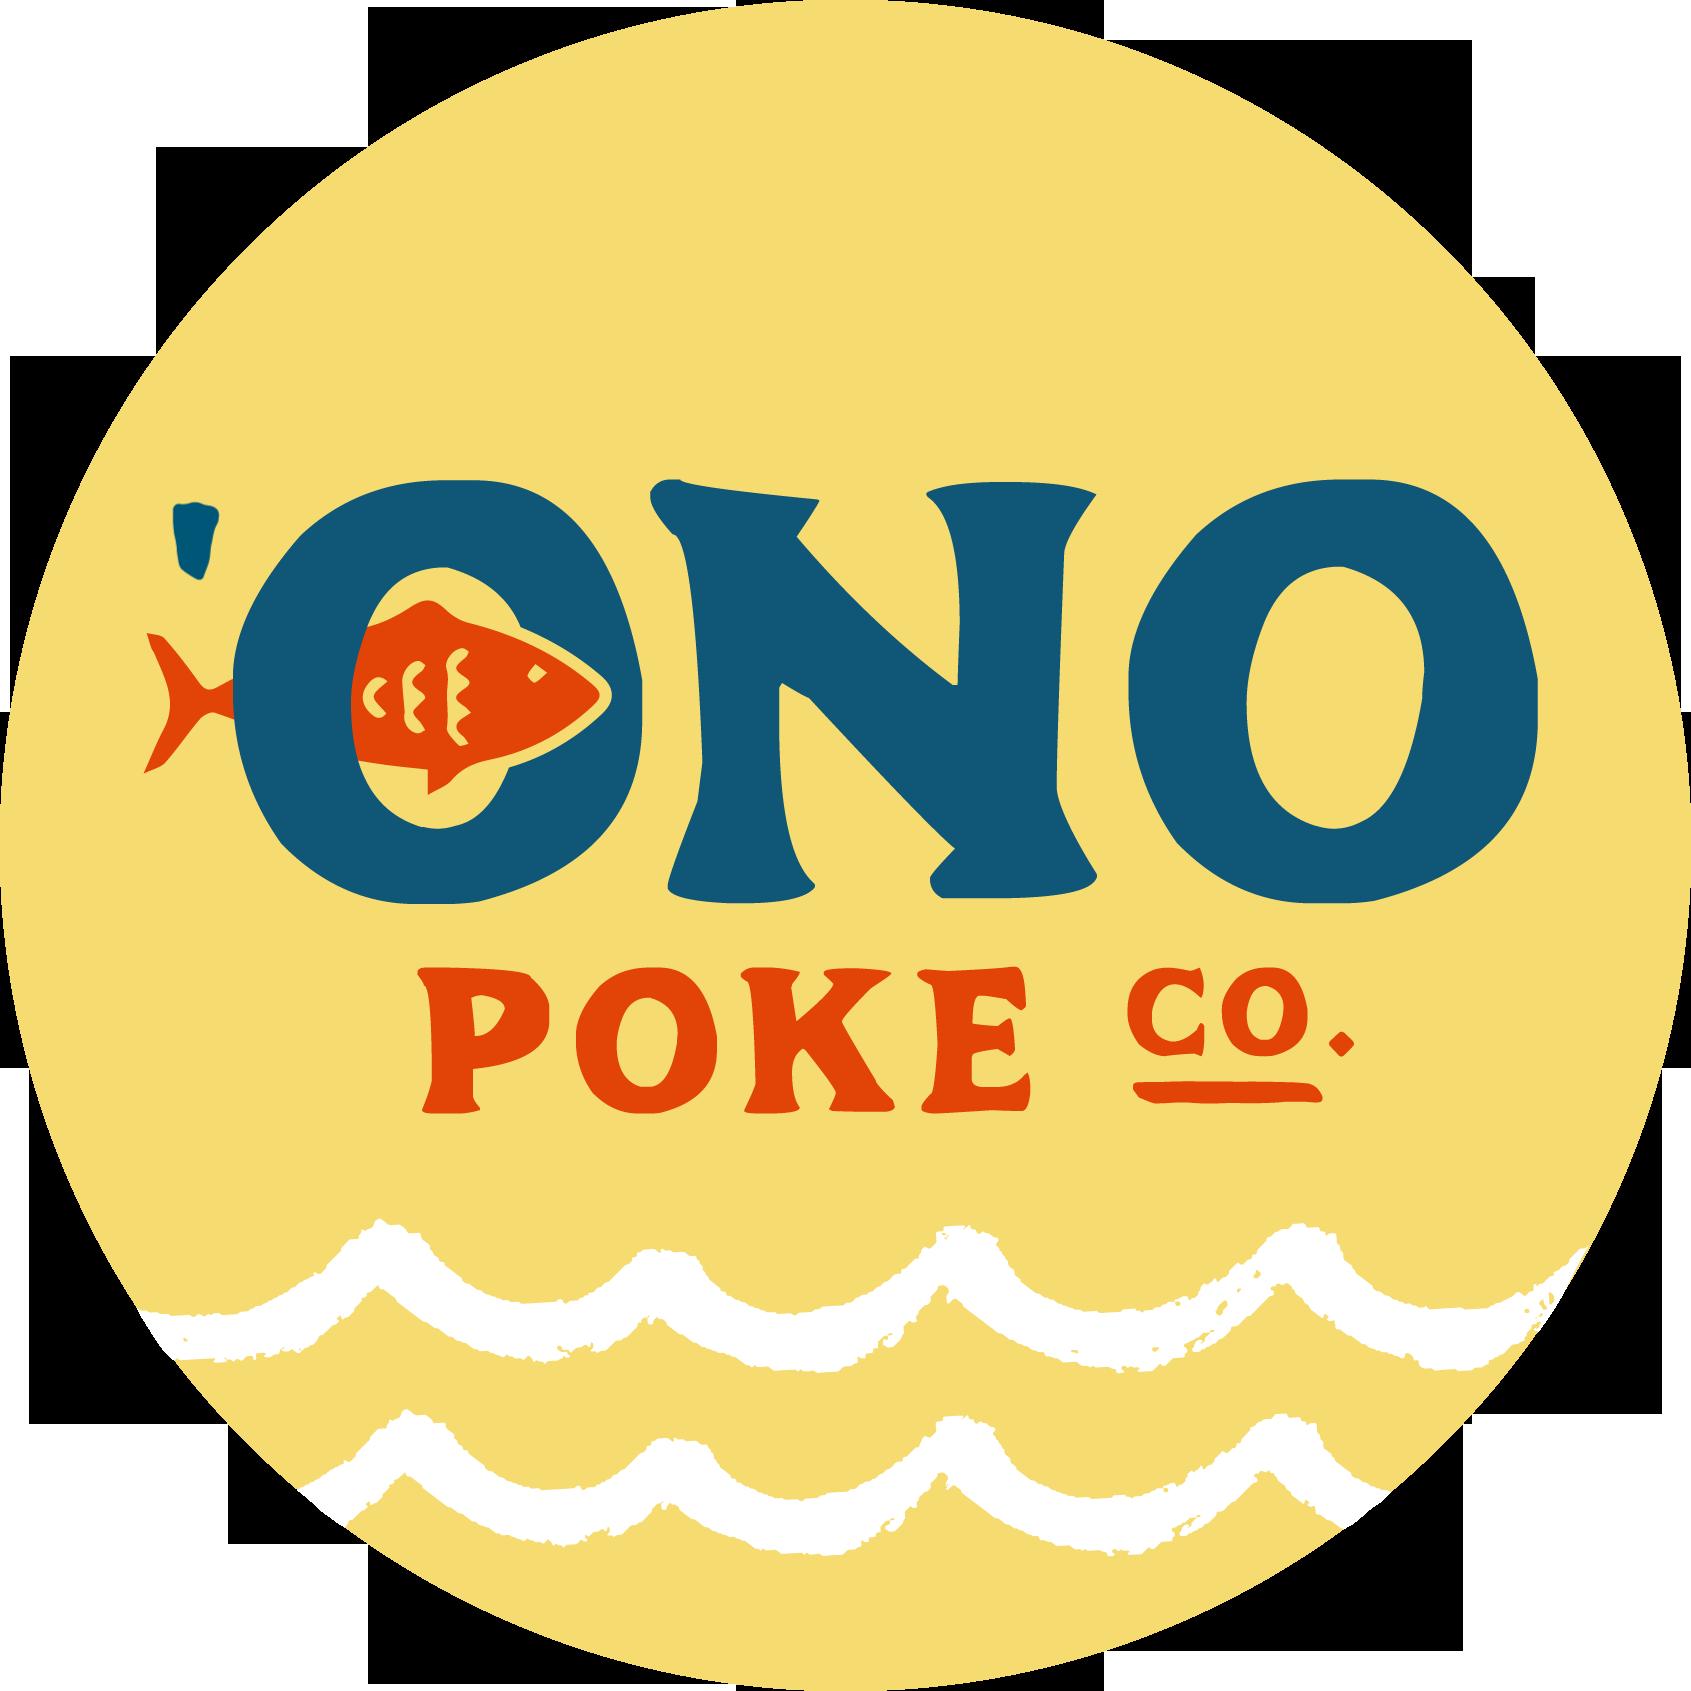 ono-poke